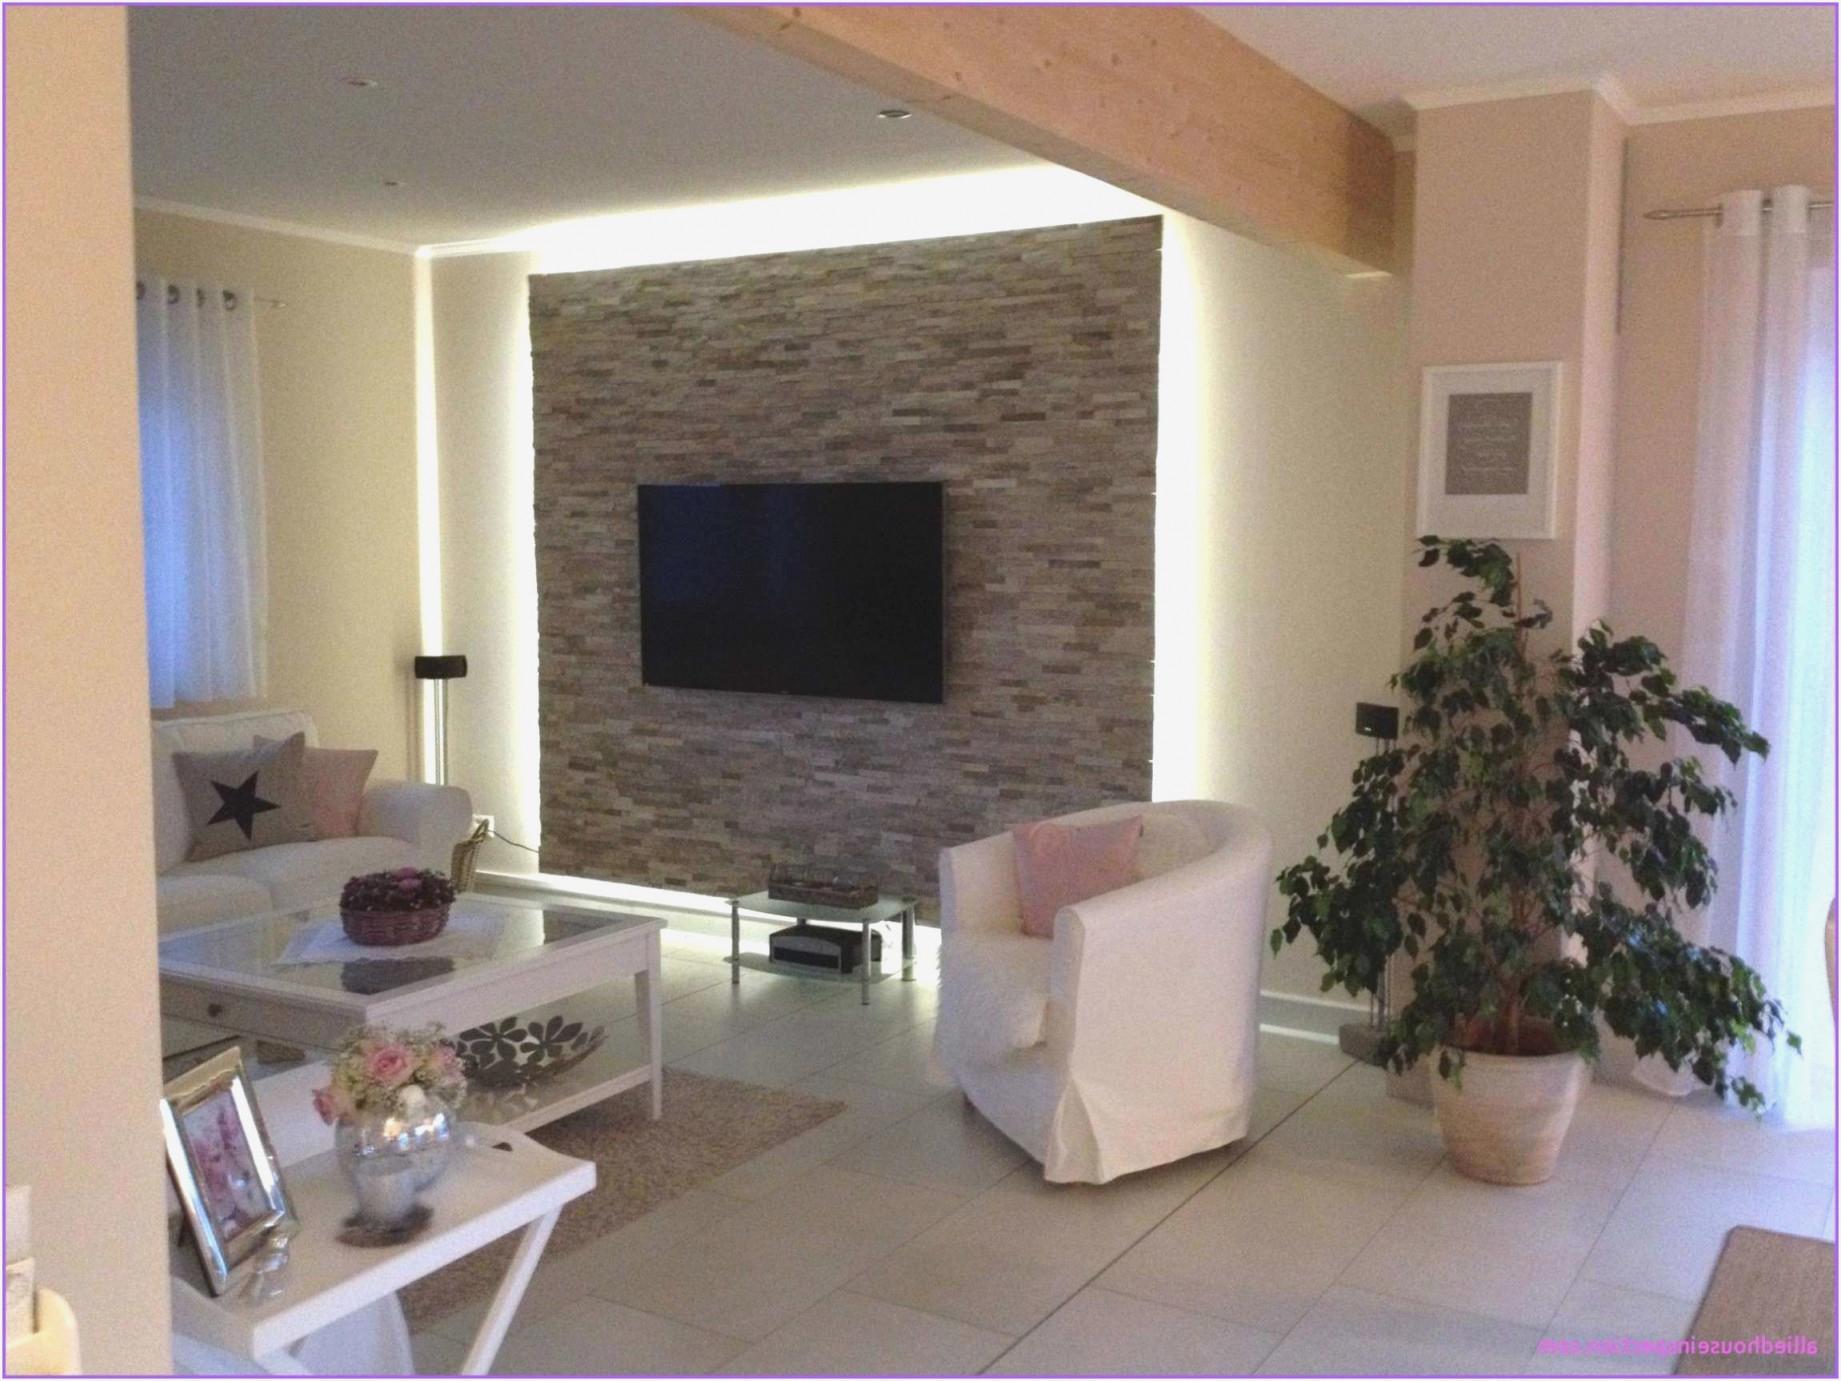 Wandgestaltung Tapeten Wohnzimmer Ideen  Wohnzimmer von Ideen Wohnzimmer Wände Gestalten Bild